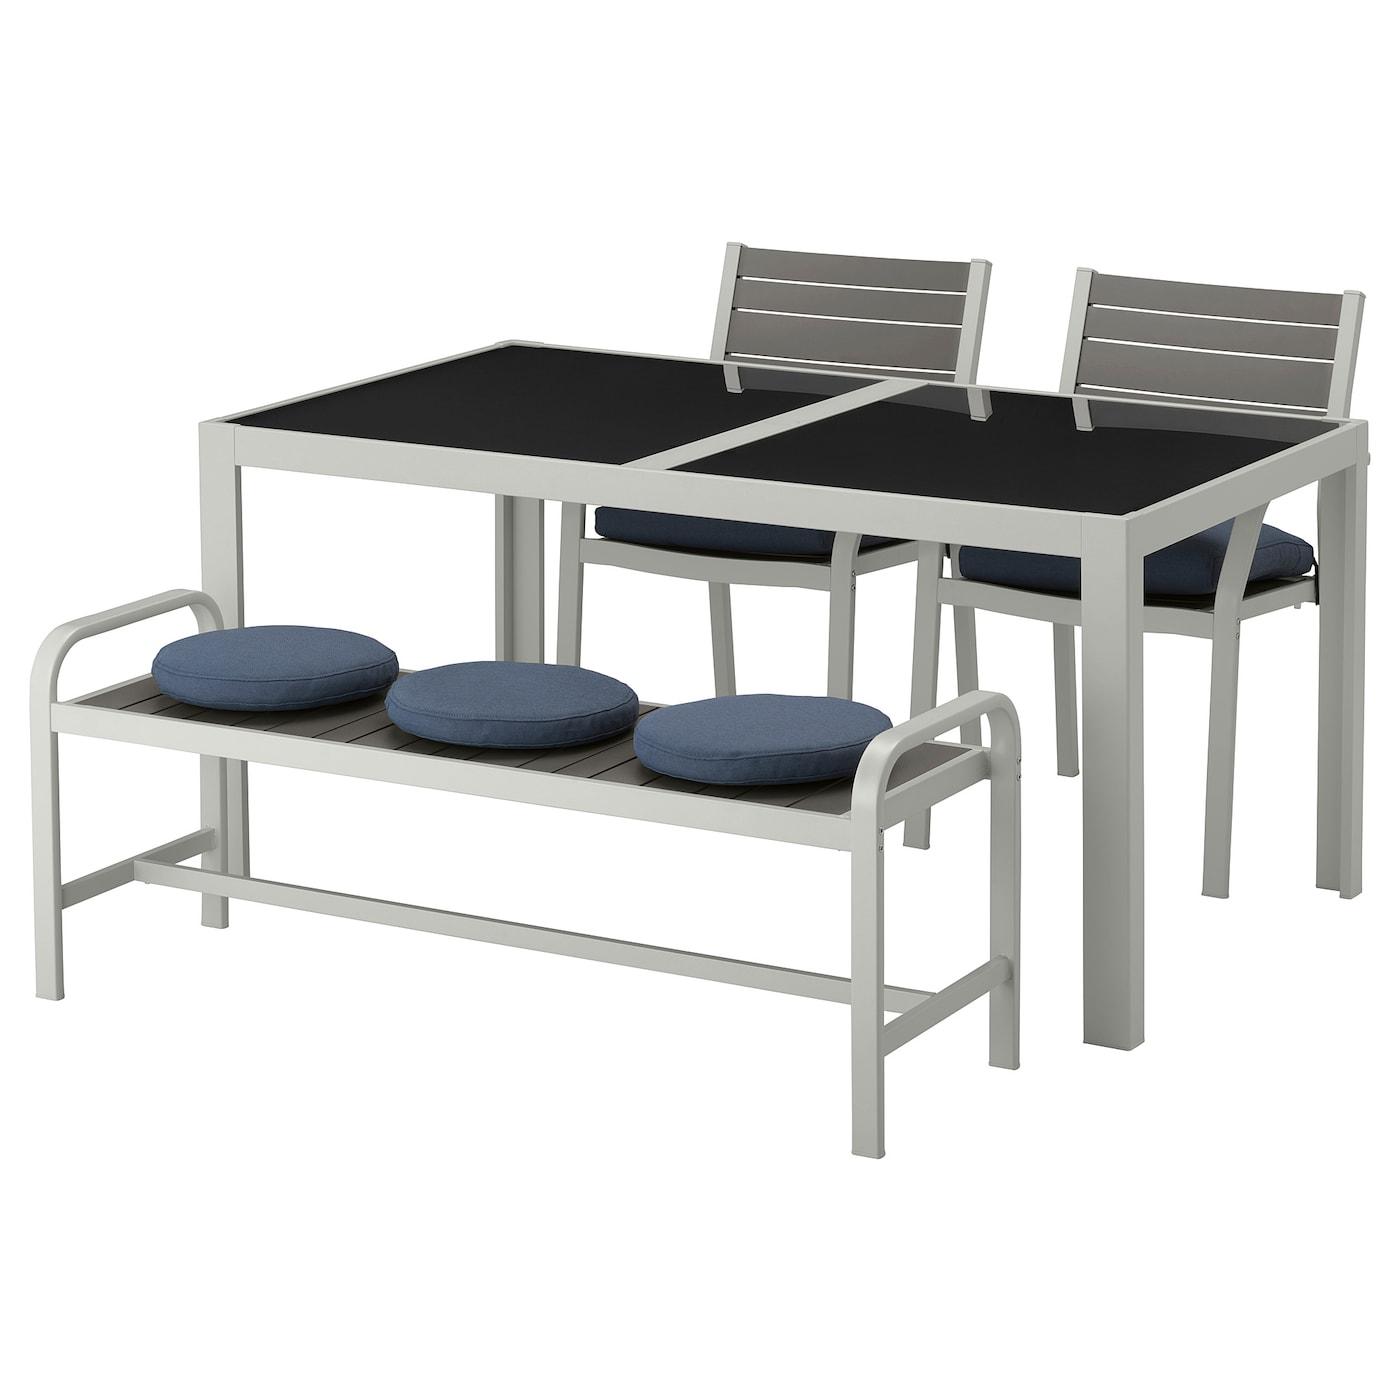 SJÄLLAND, Tisch+2 Stühle+Bank/außen, Glas, blau 092.678.20